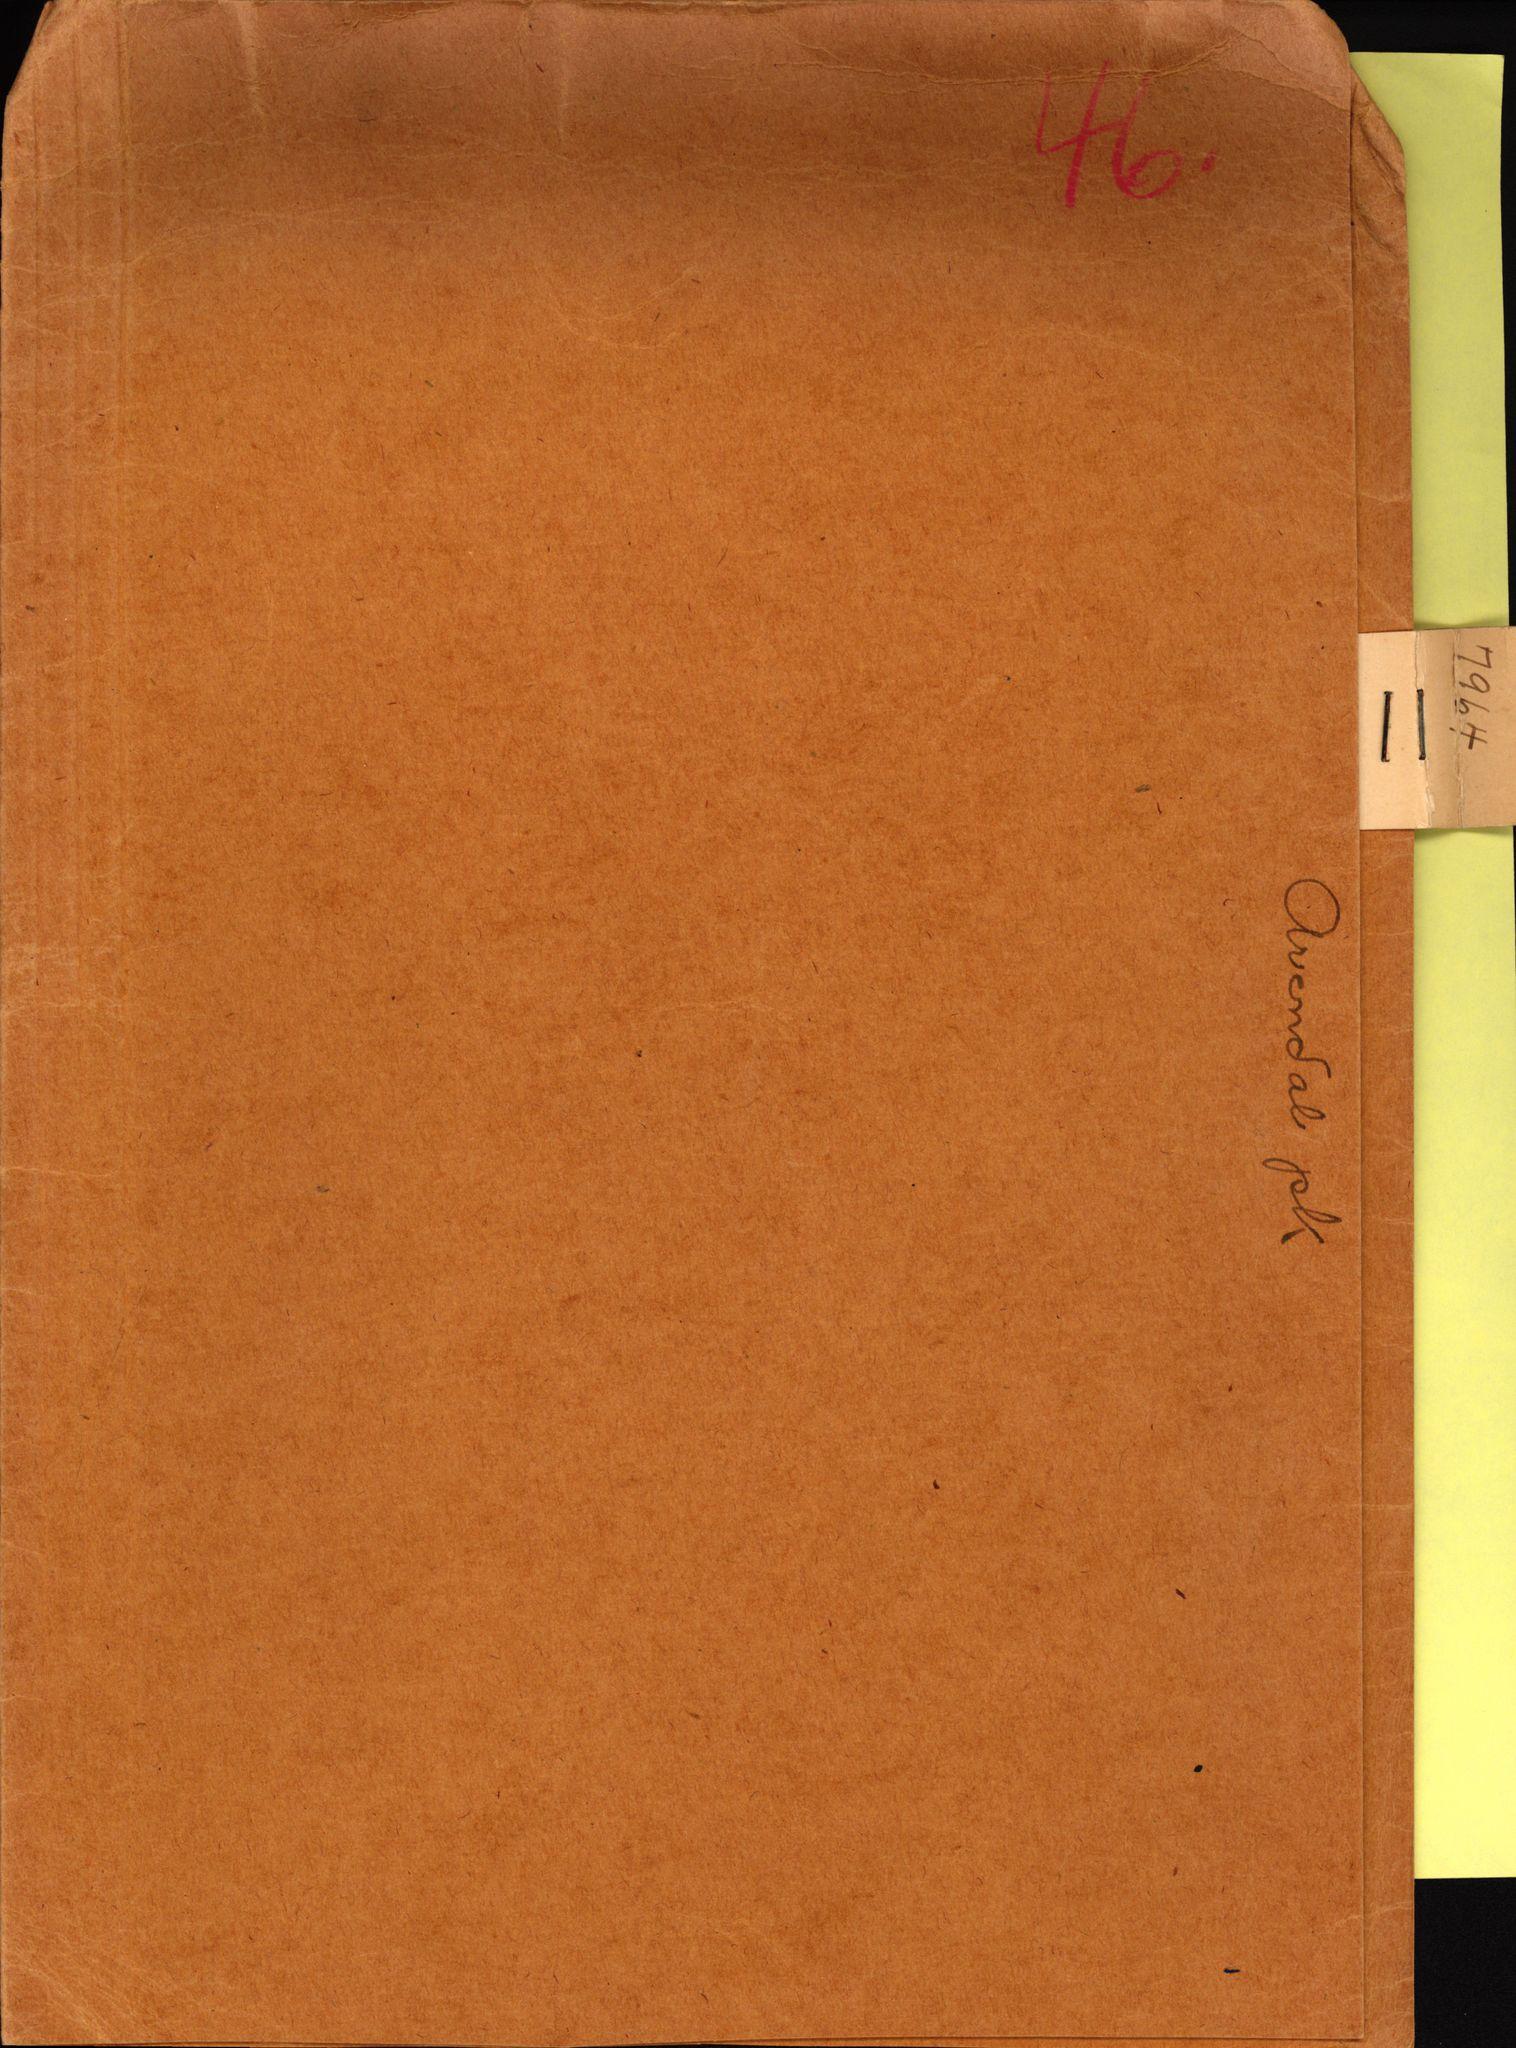 RA, Landssvikarkivet, Arendal politikammer, D/Dc/L0029: Anr. 192/45, 1945-1951, s. 413